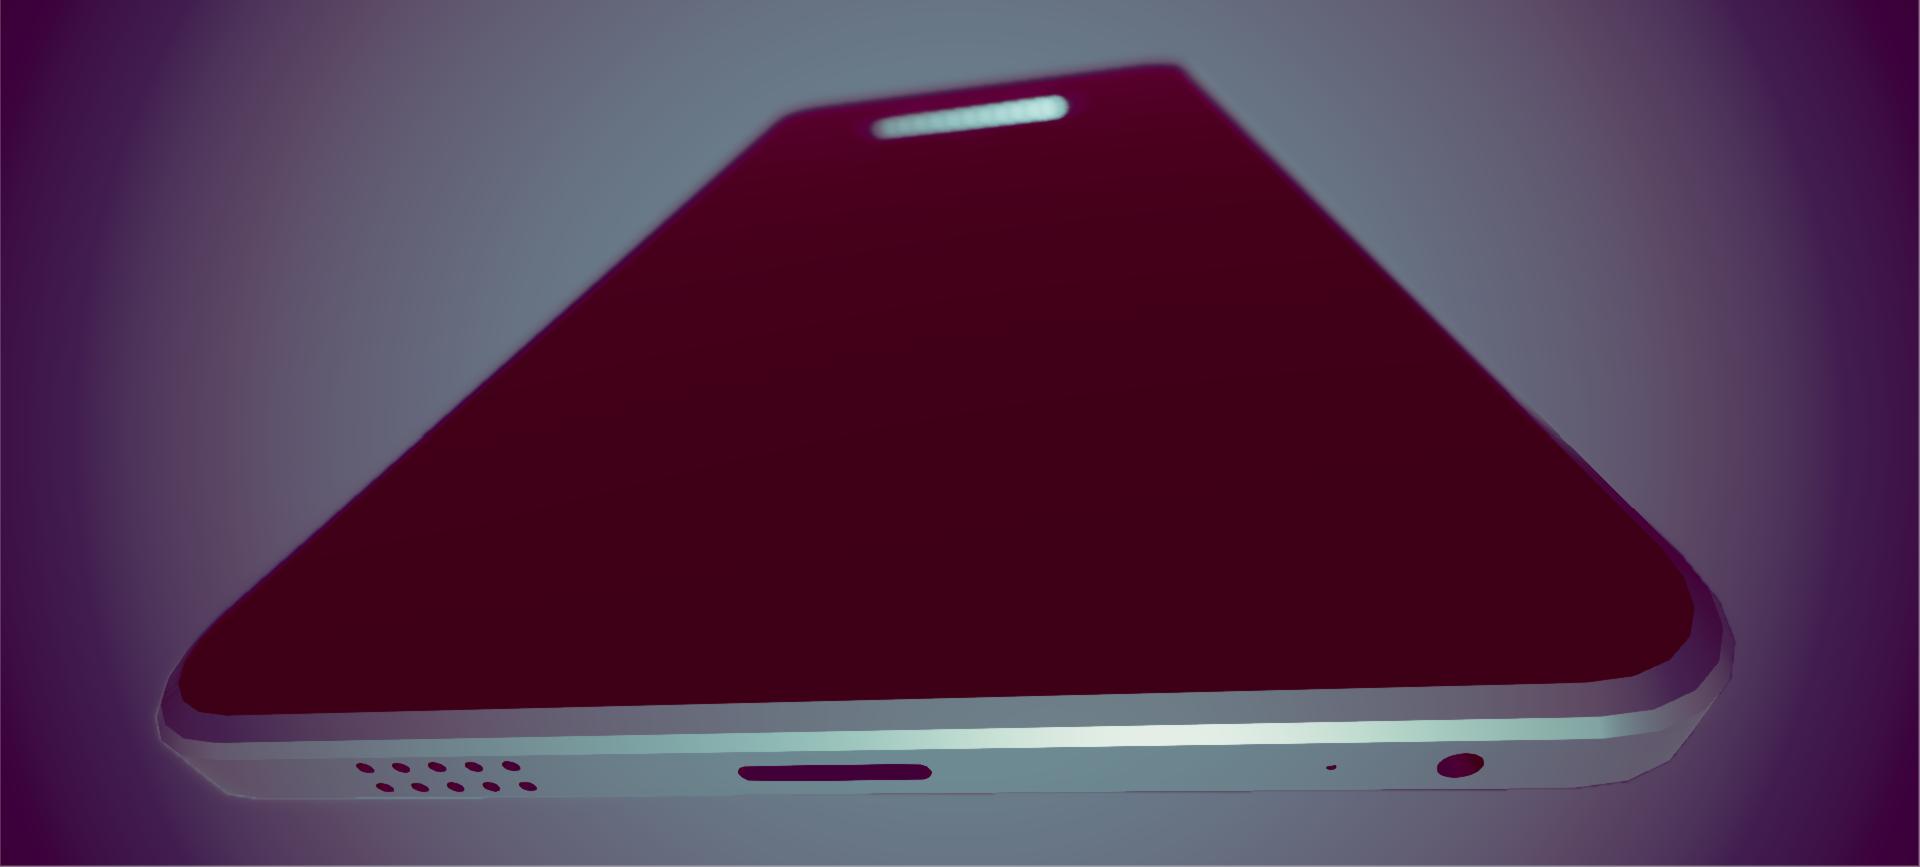 Moder smartphone model